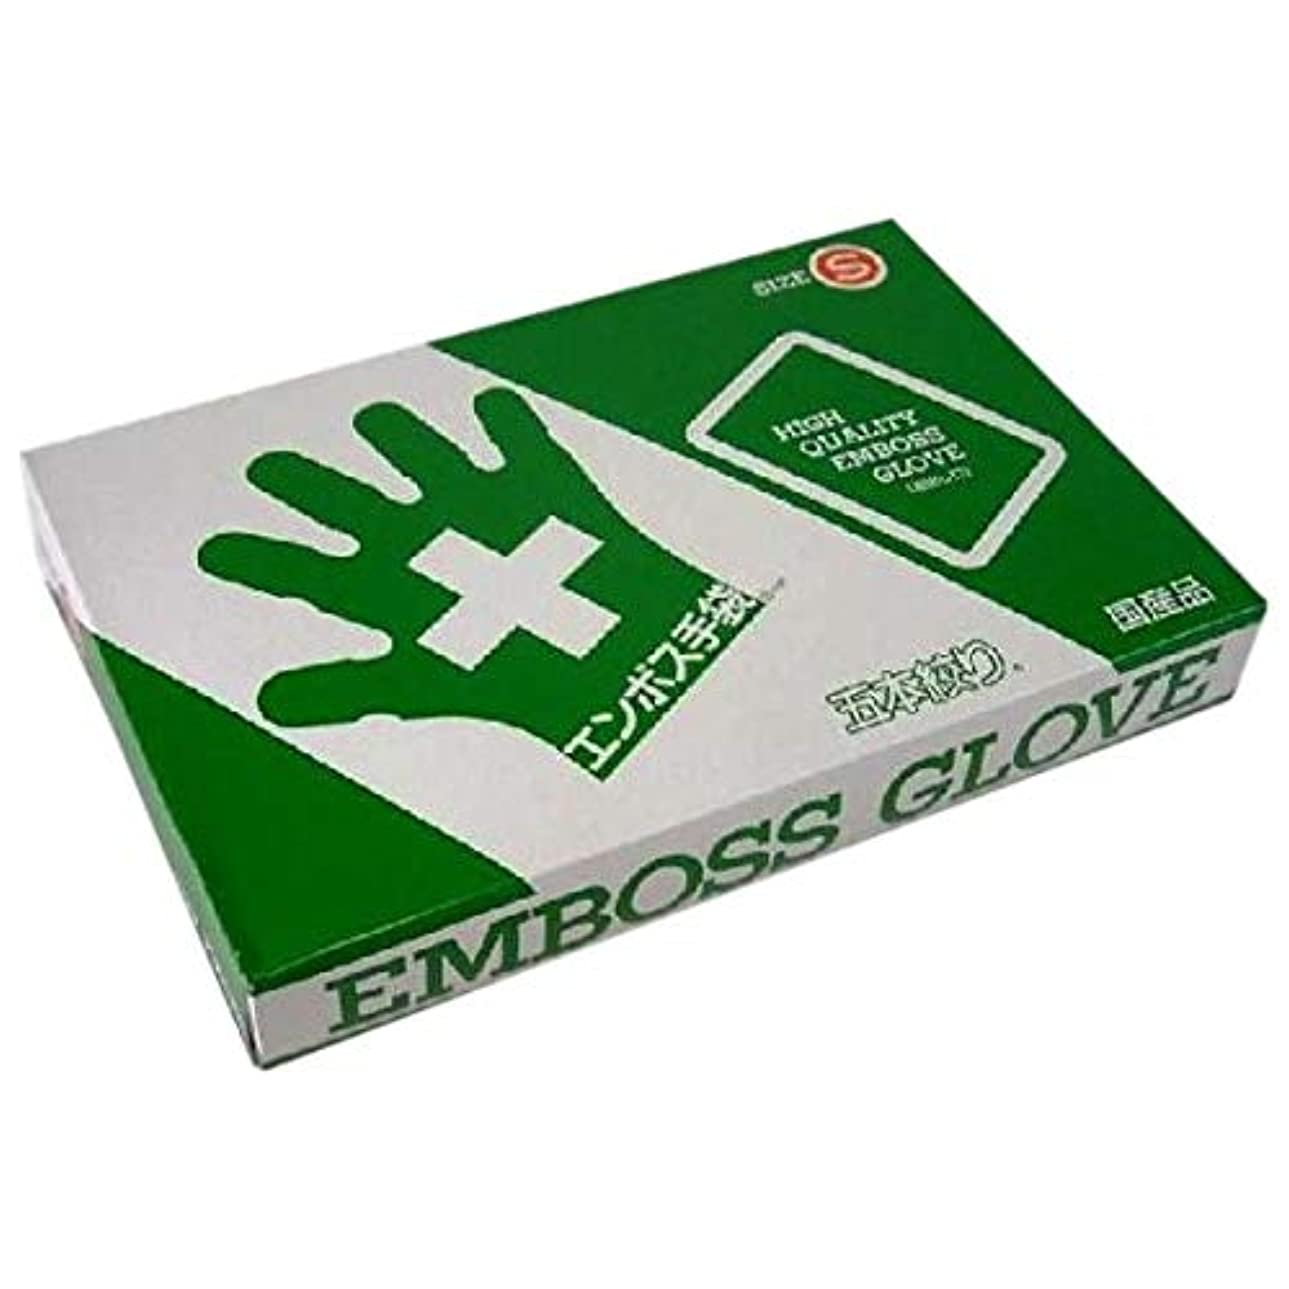 反対した宿泊施設多年生エンボス手袋 5本絞り(使い捨て手袋国産品) 東京パック S 200枚入